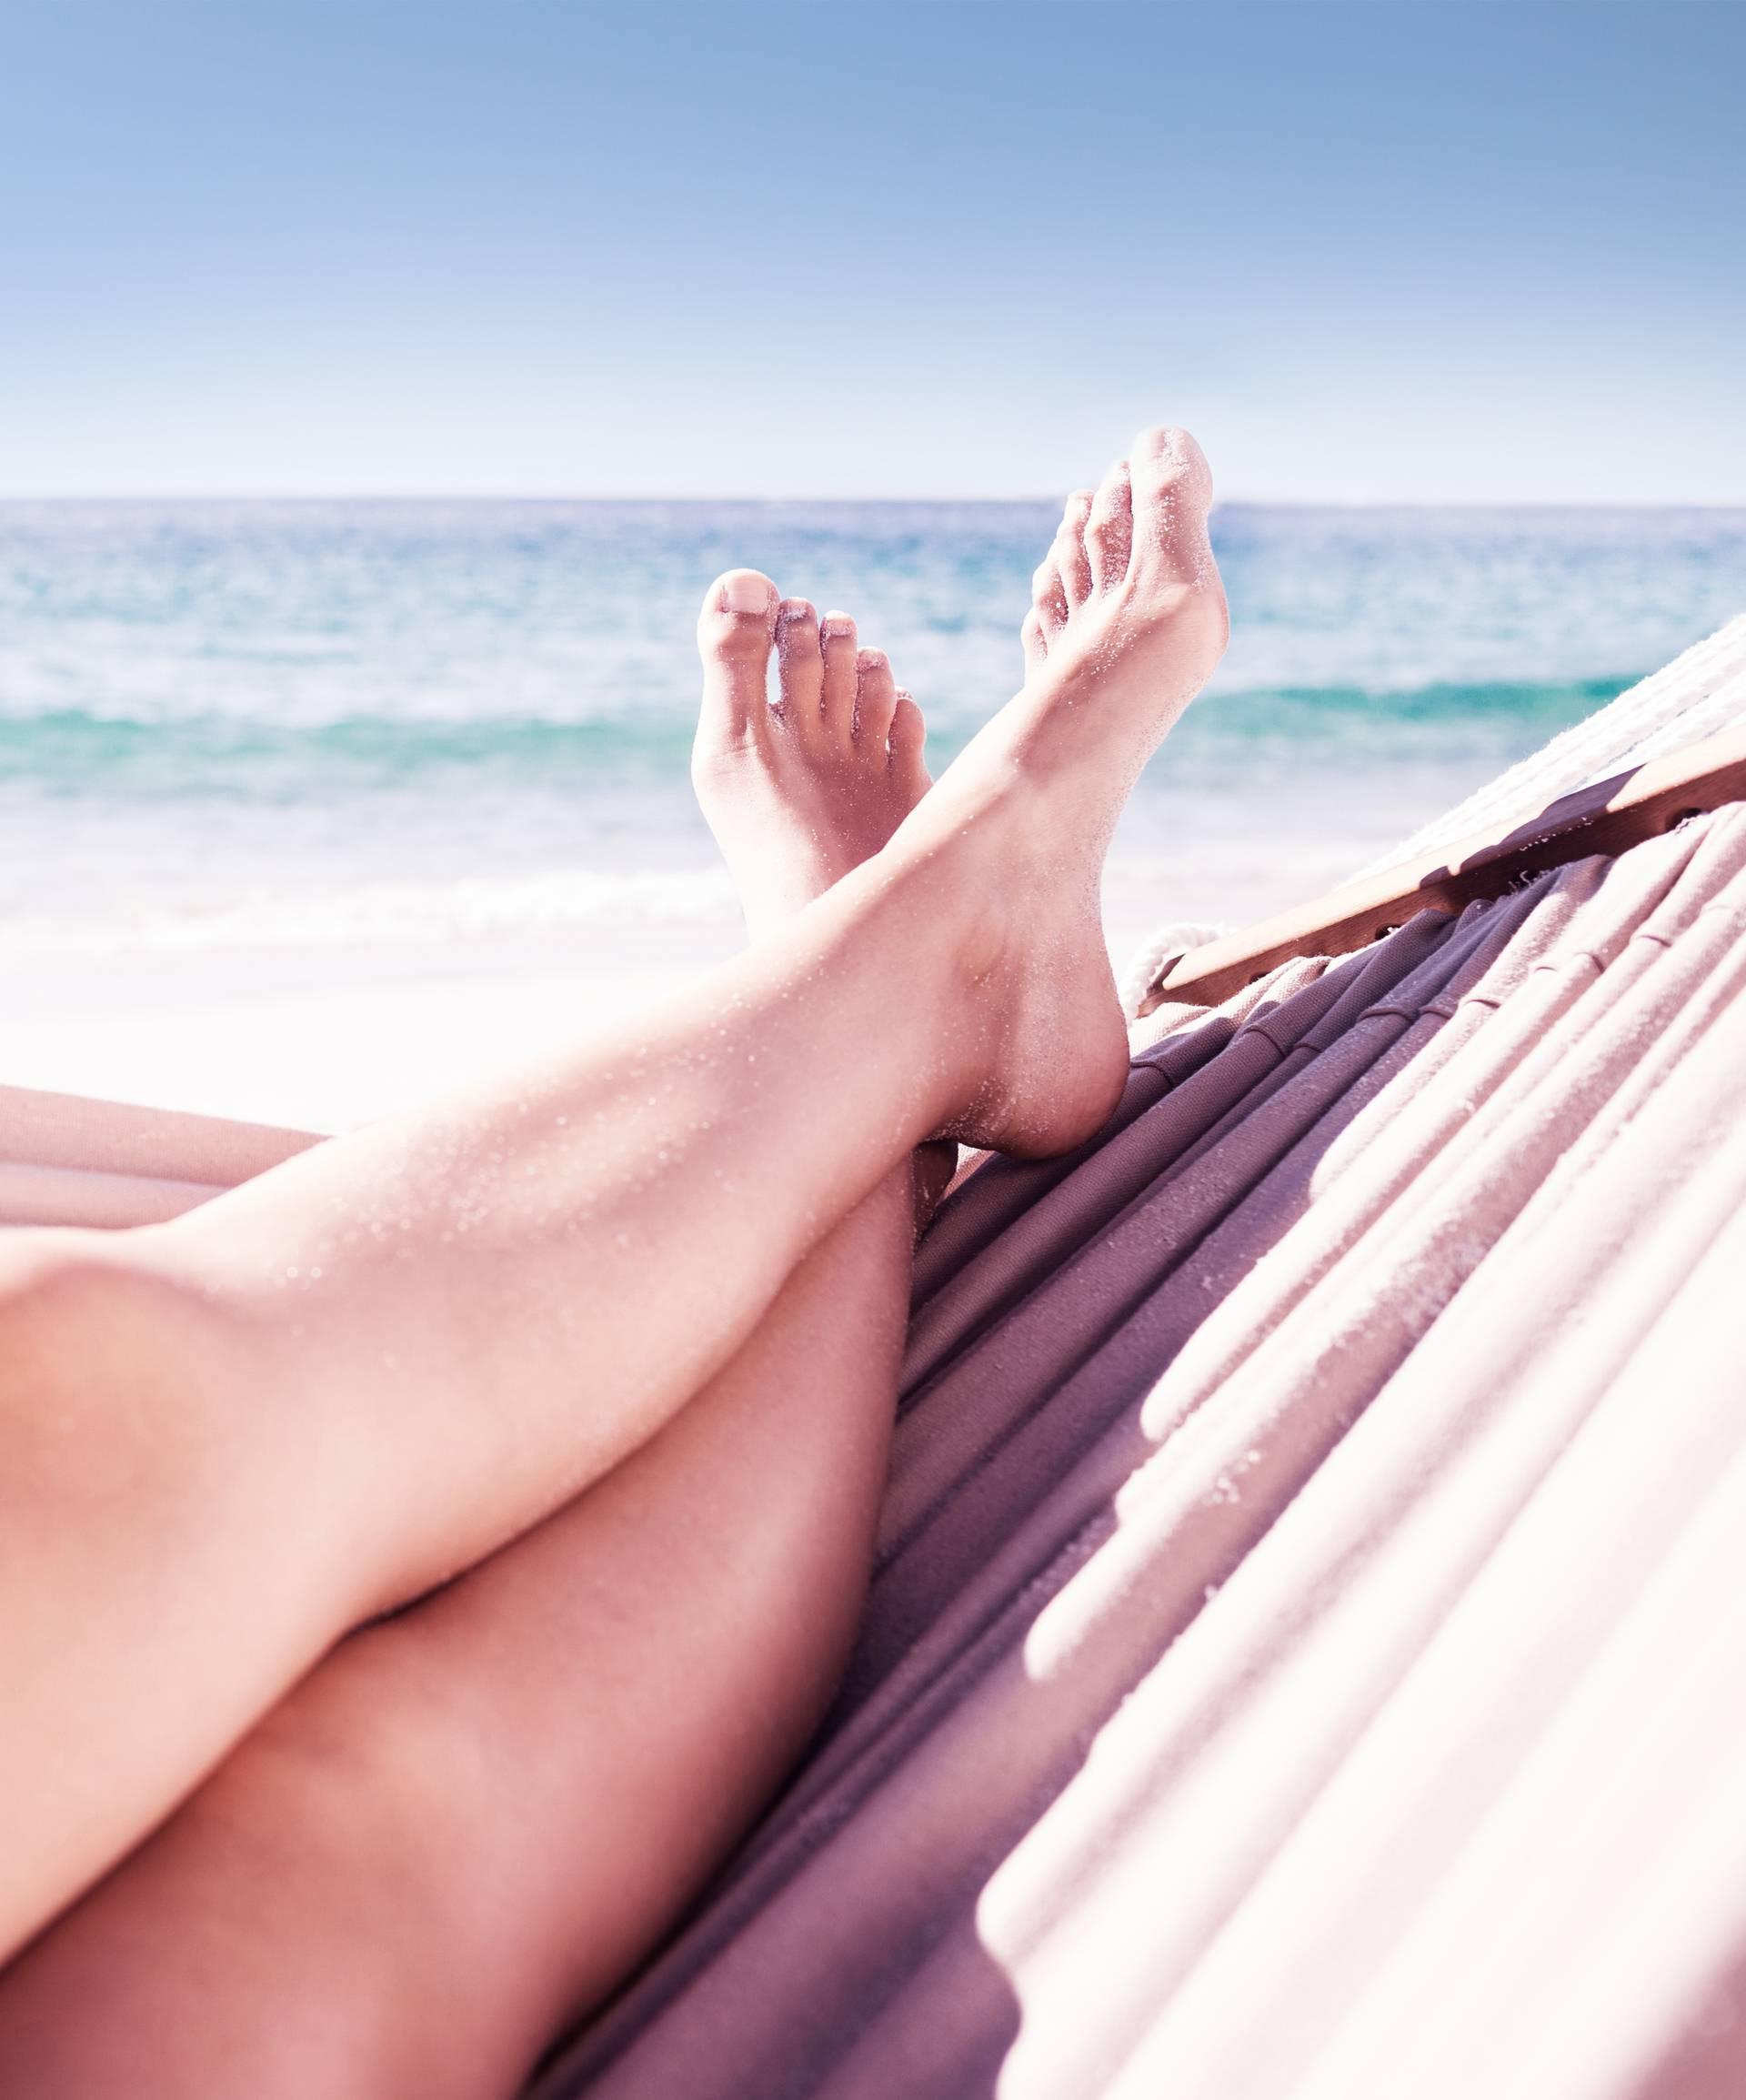 Rizik od infekcija: Vrući pijesak oštećuje dijabetička stopala...